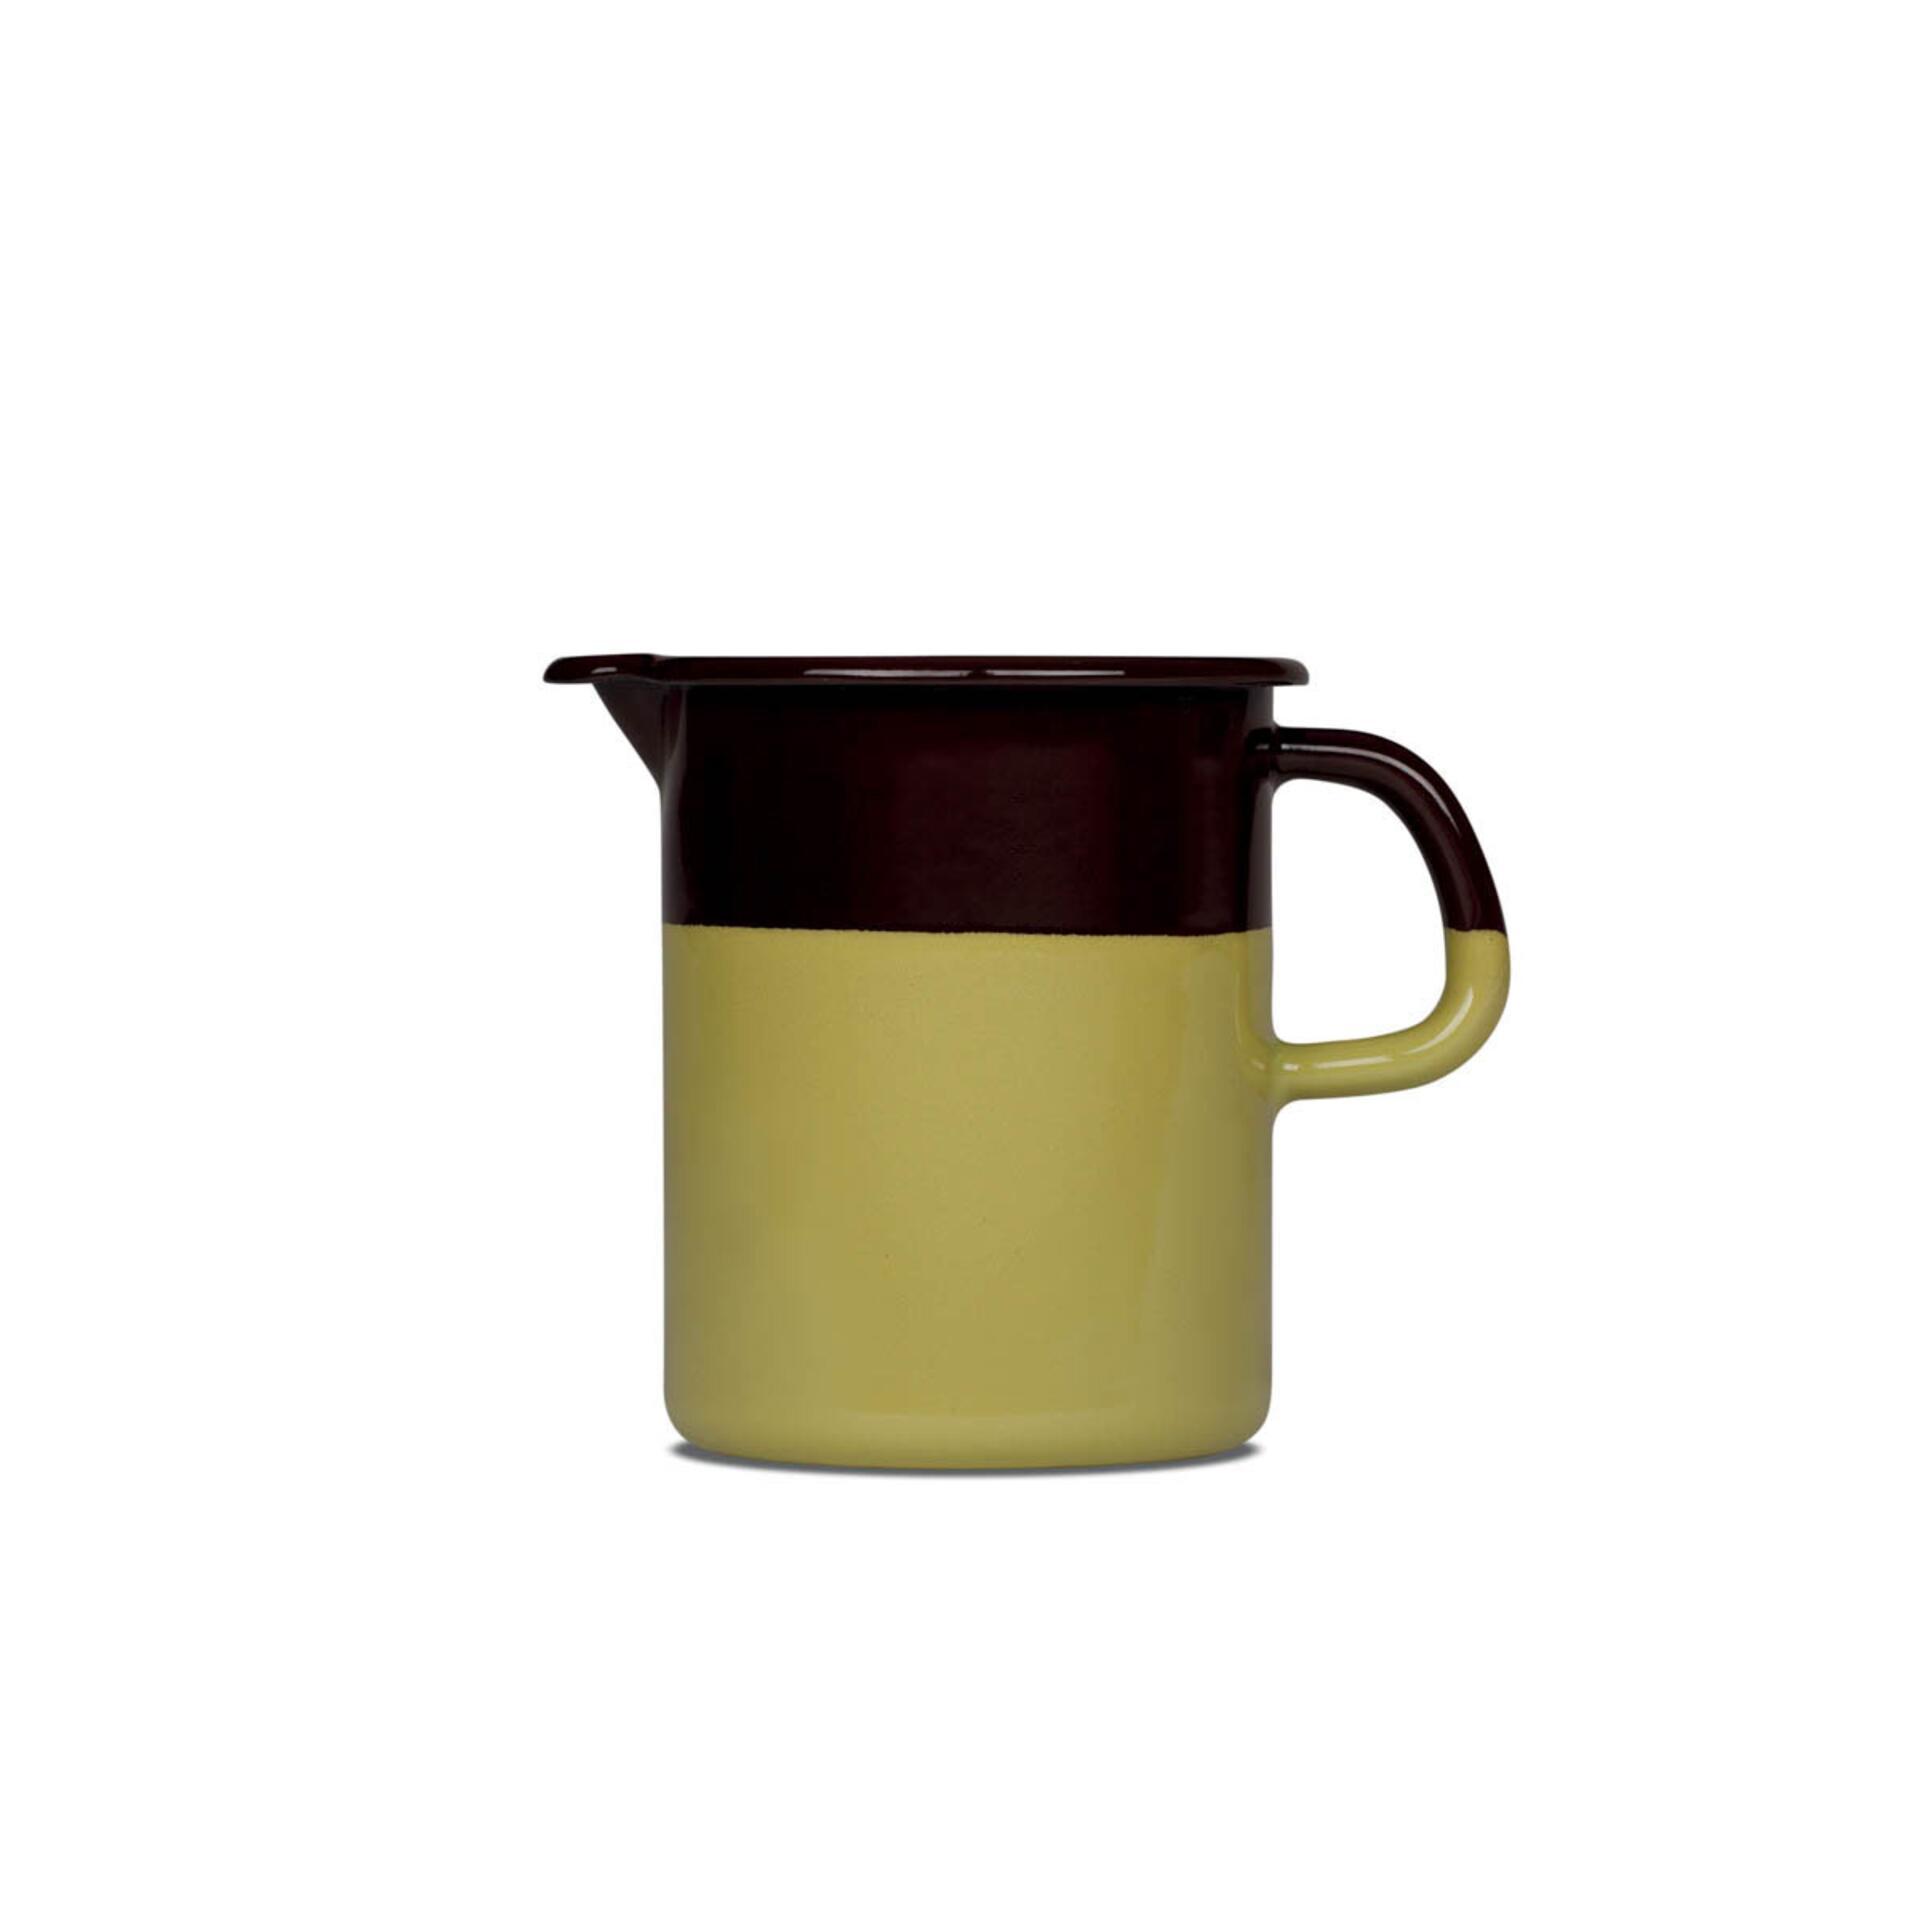 Riess Küchenmass Sarah Wiener 0,5 L